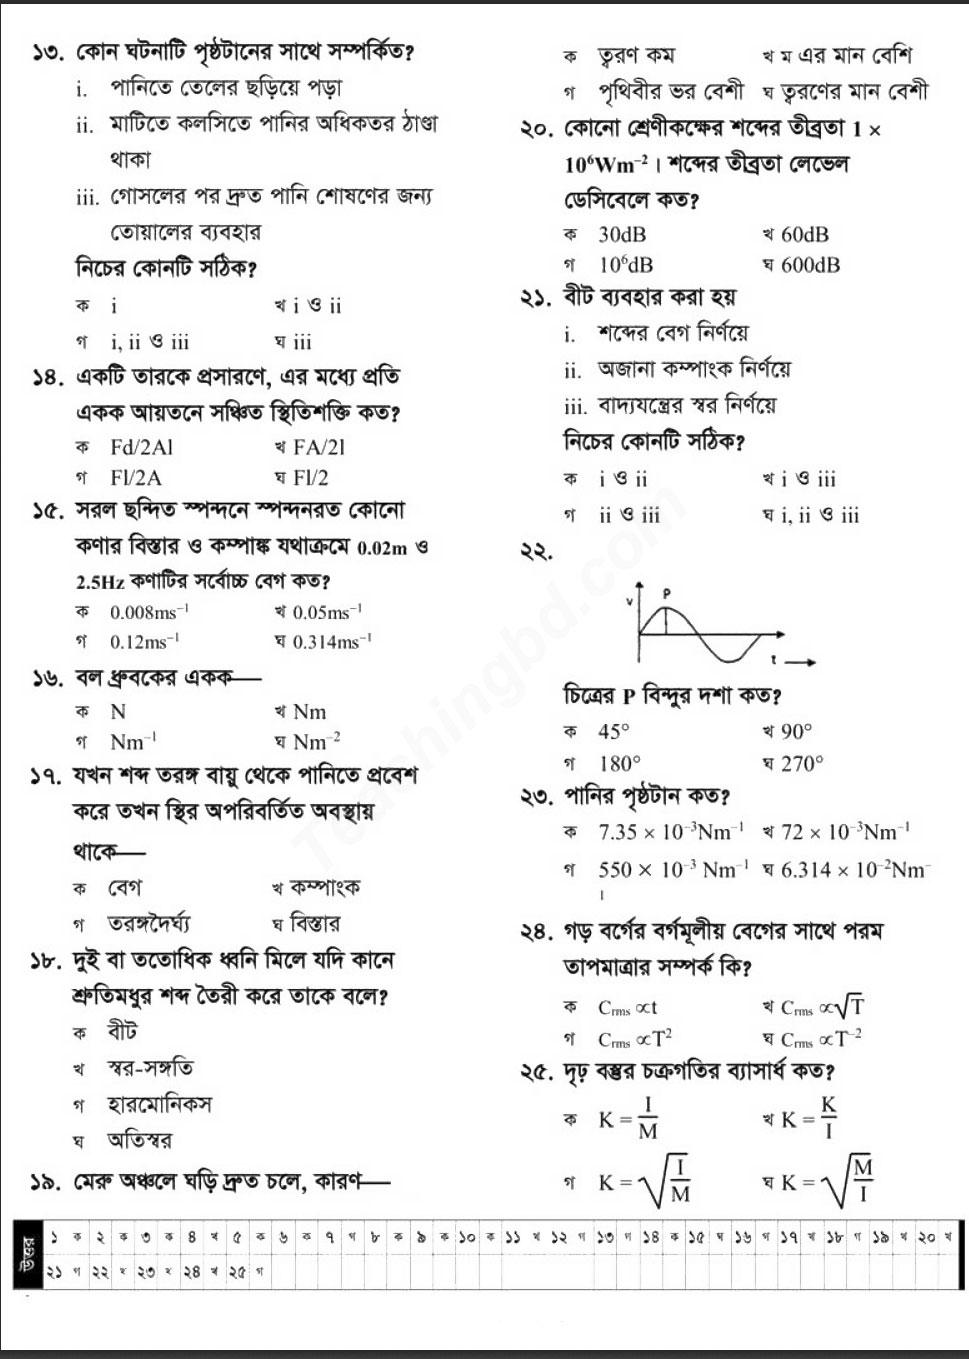 Hsc essay marking service